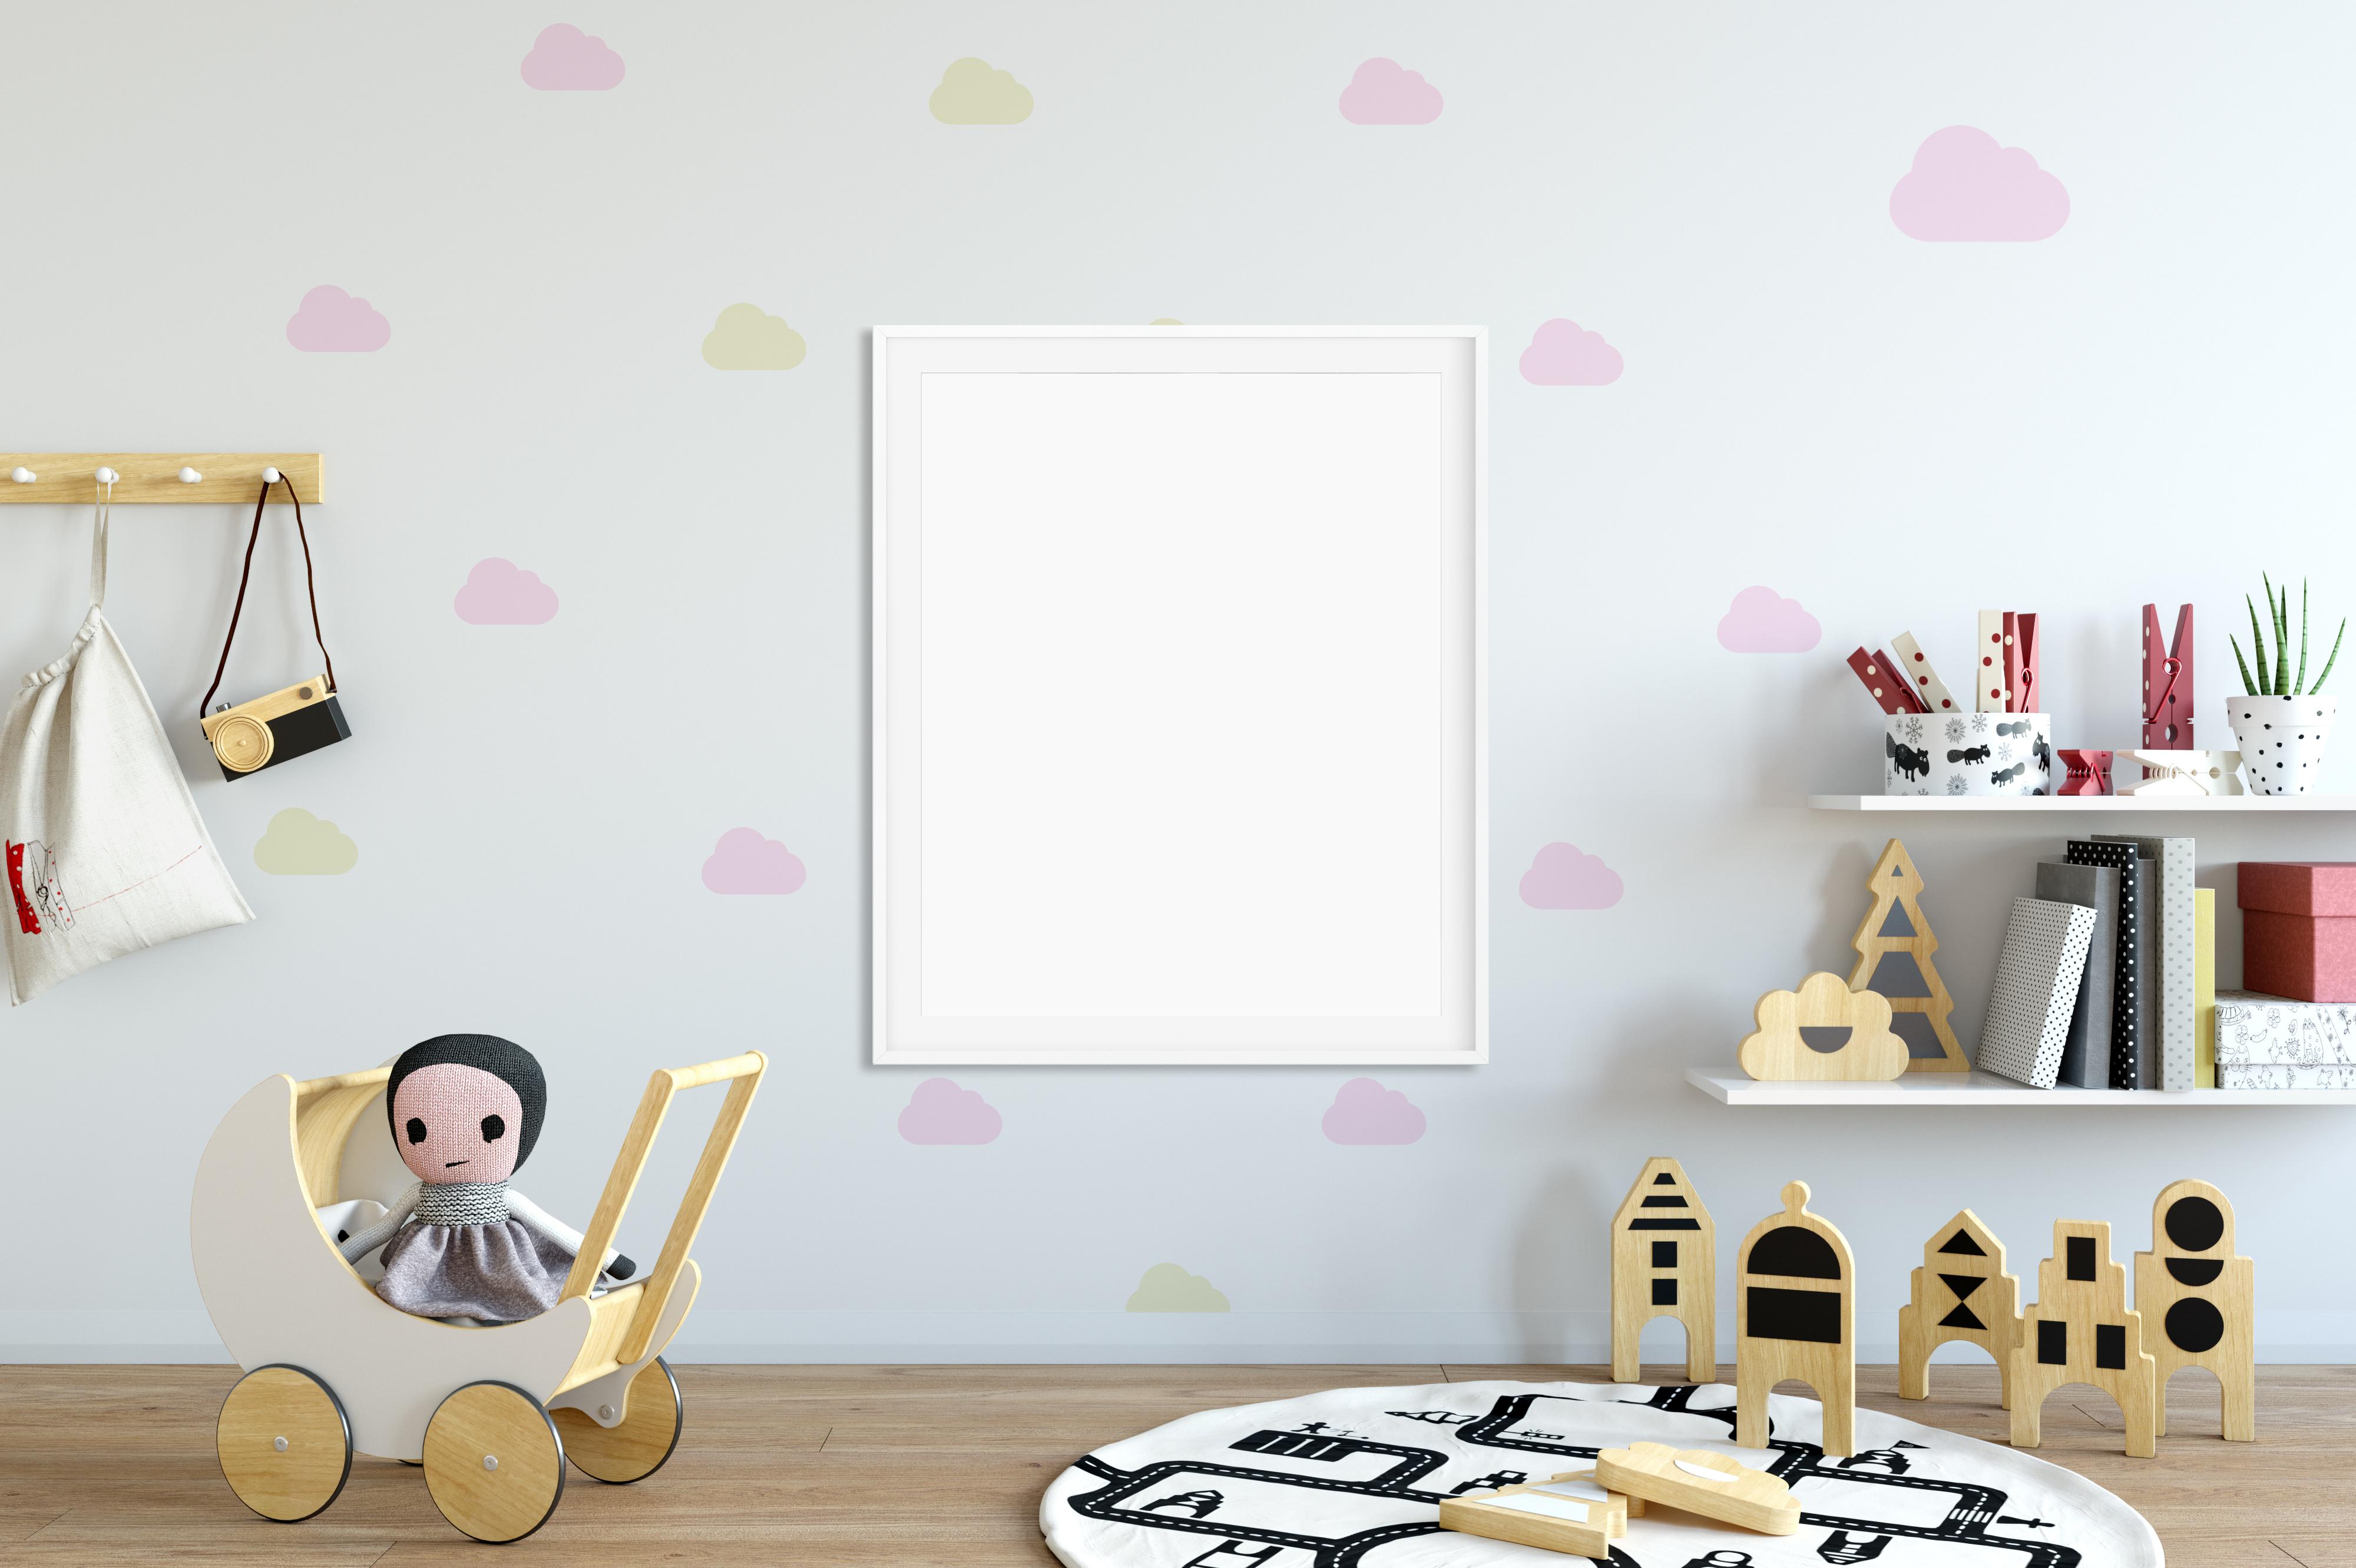 Artesanato Folclore Regiao Nordeste ~ Adesivo de parede moderno e fácil de usar Blog Gr u00e3o de Gente